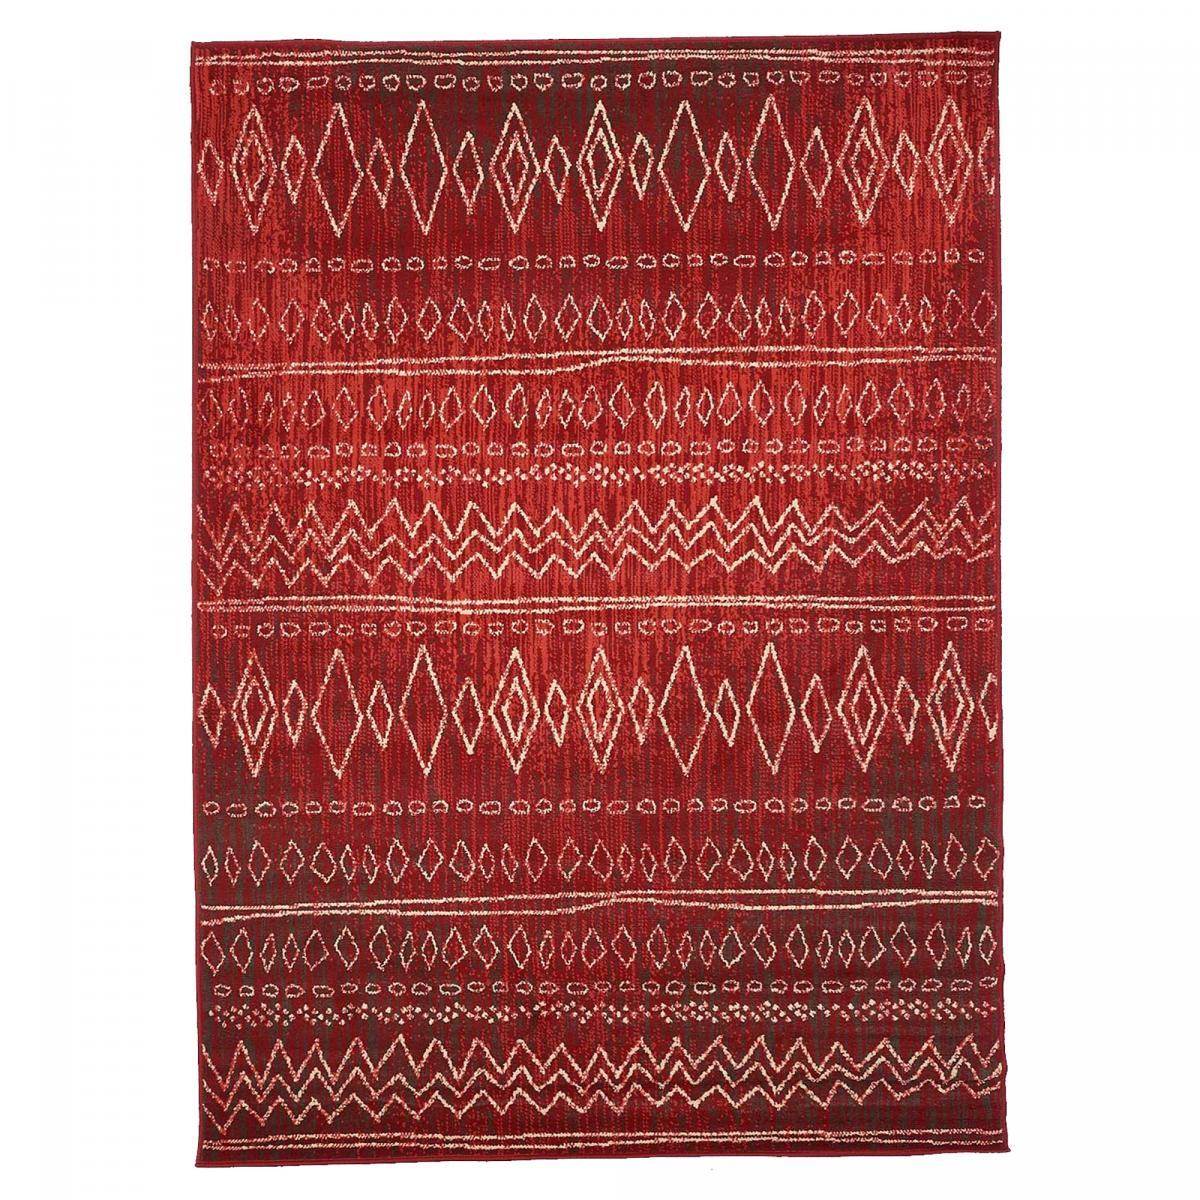 Tapis berbère style en polypropylène rouge 120x170